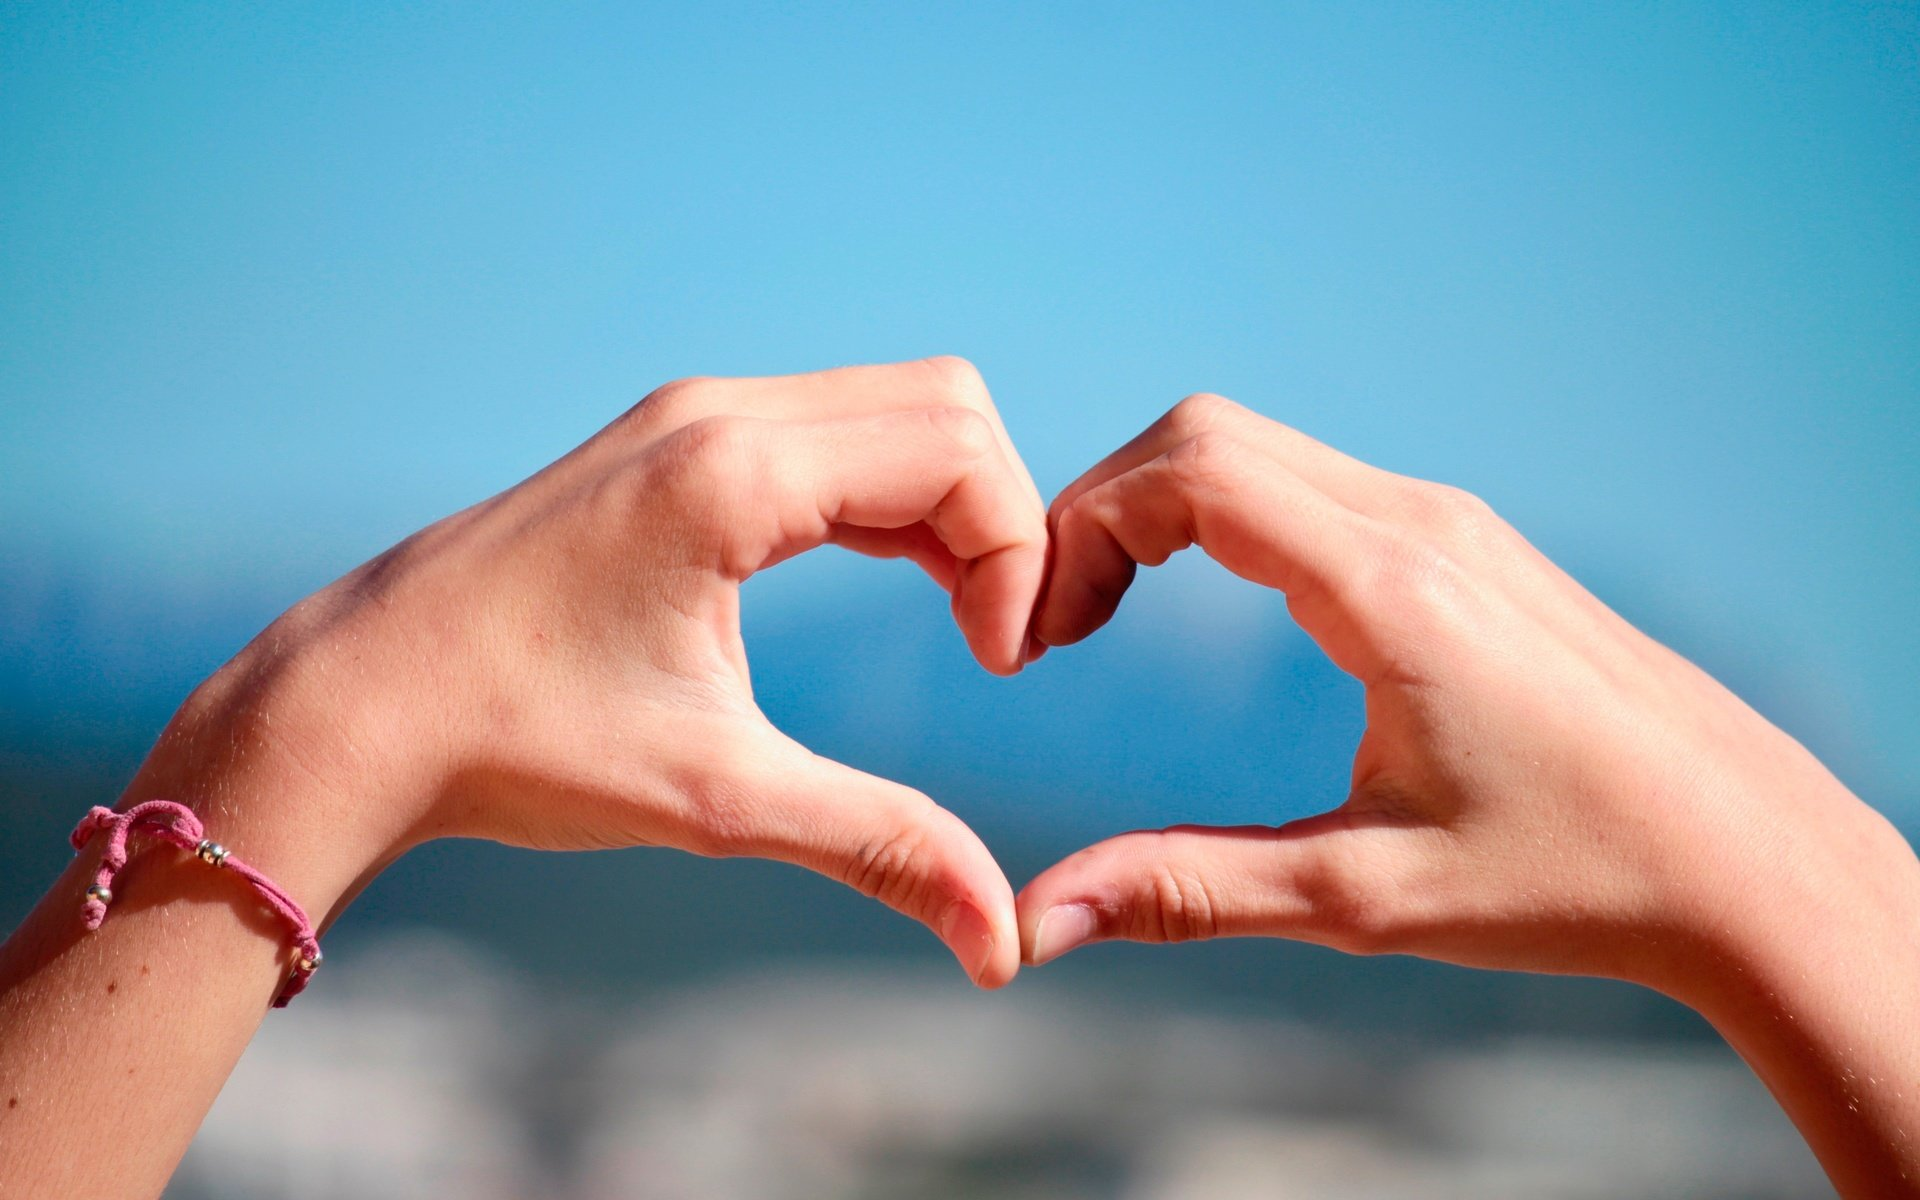 Фото сердечек из рук